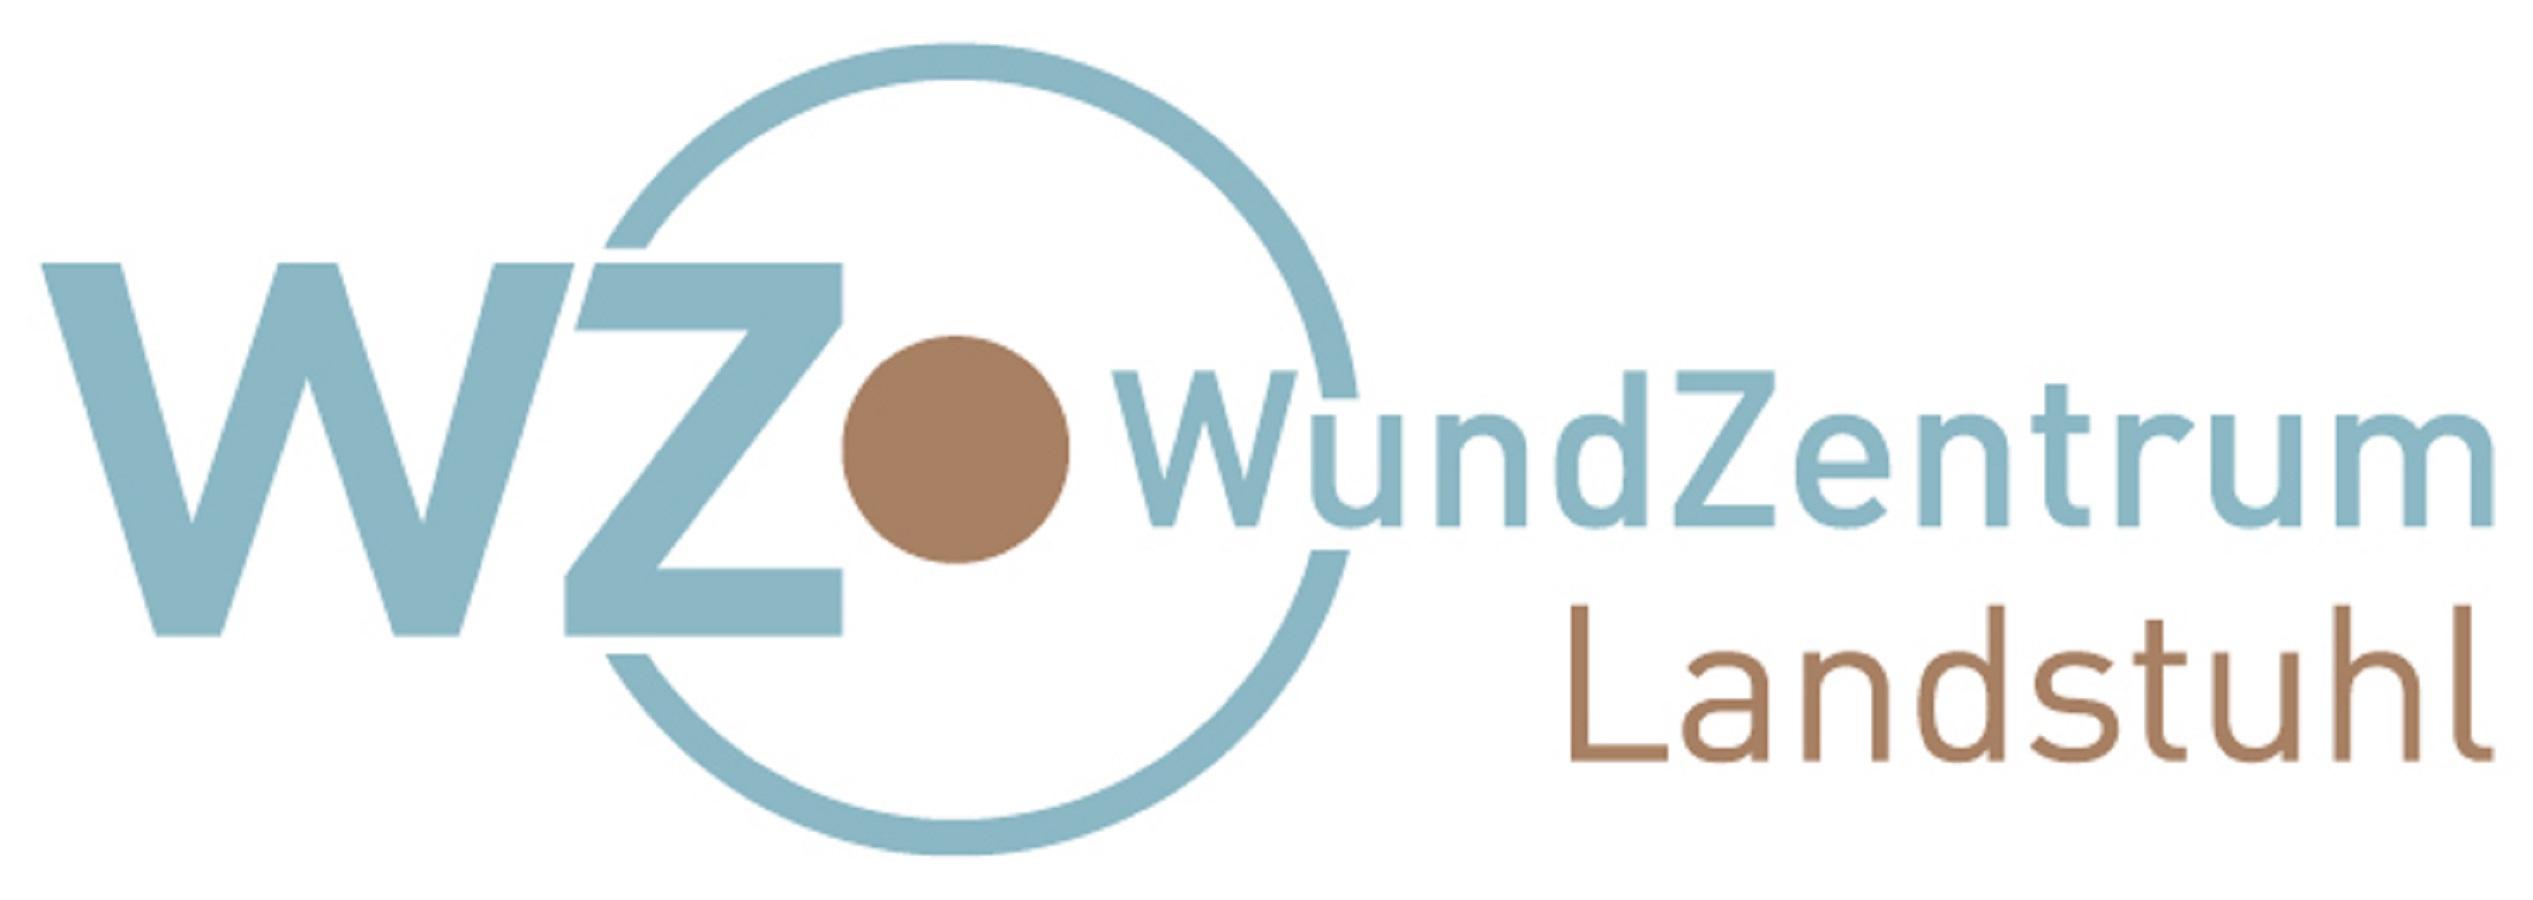 WZ-WundZentrum Landstuhl